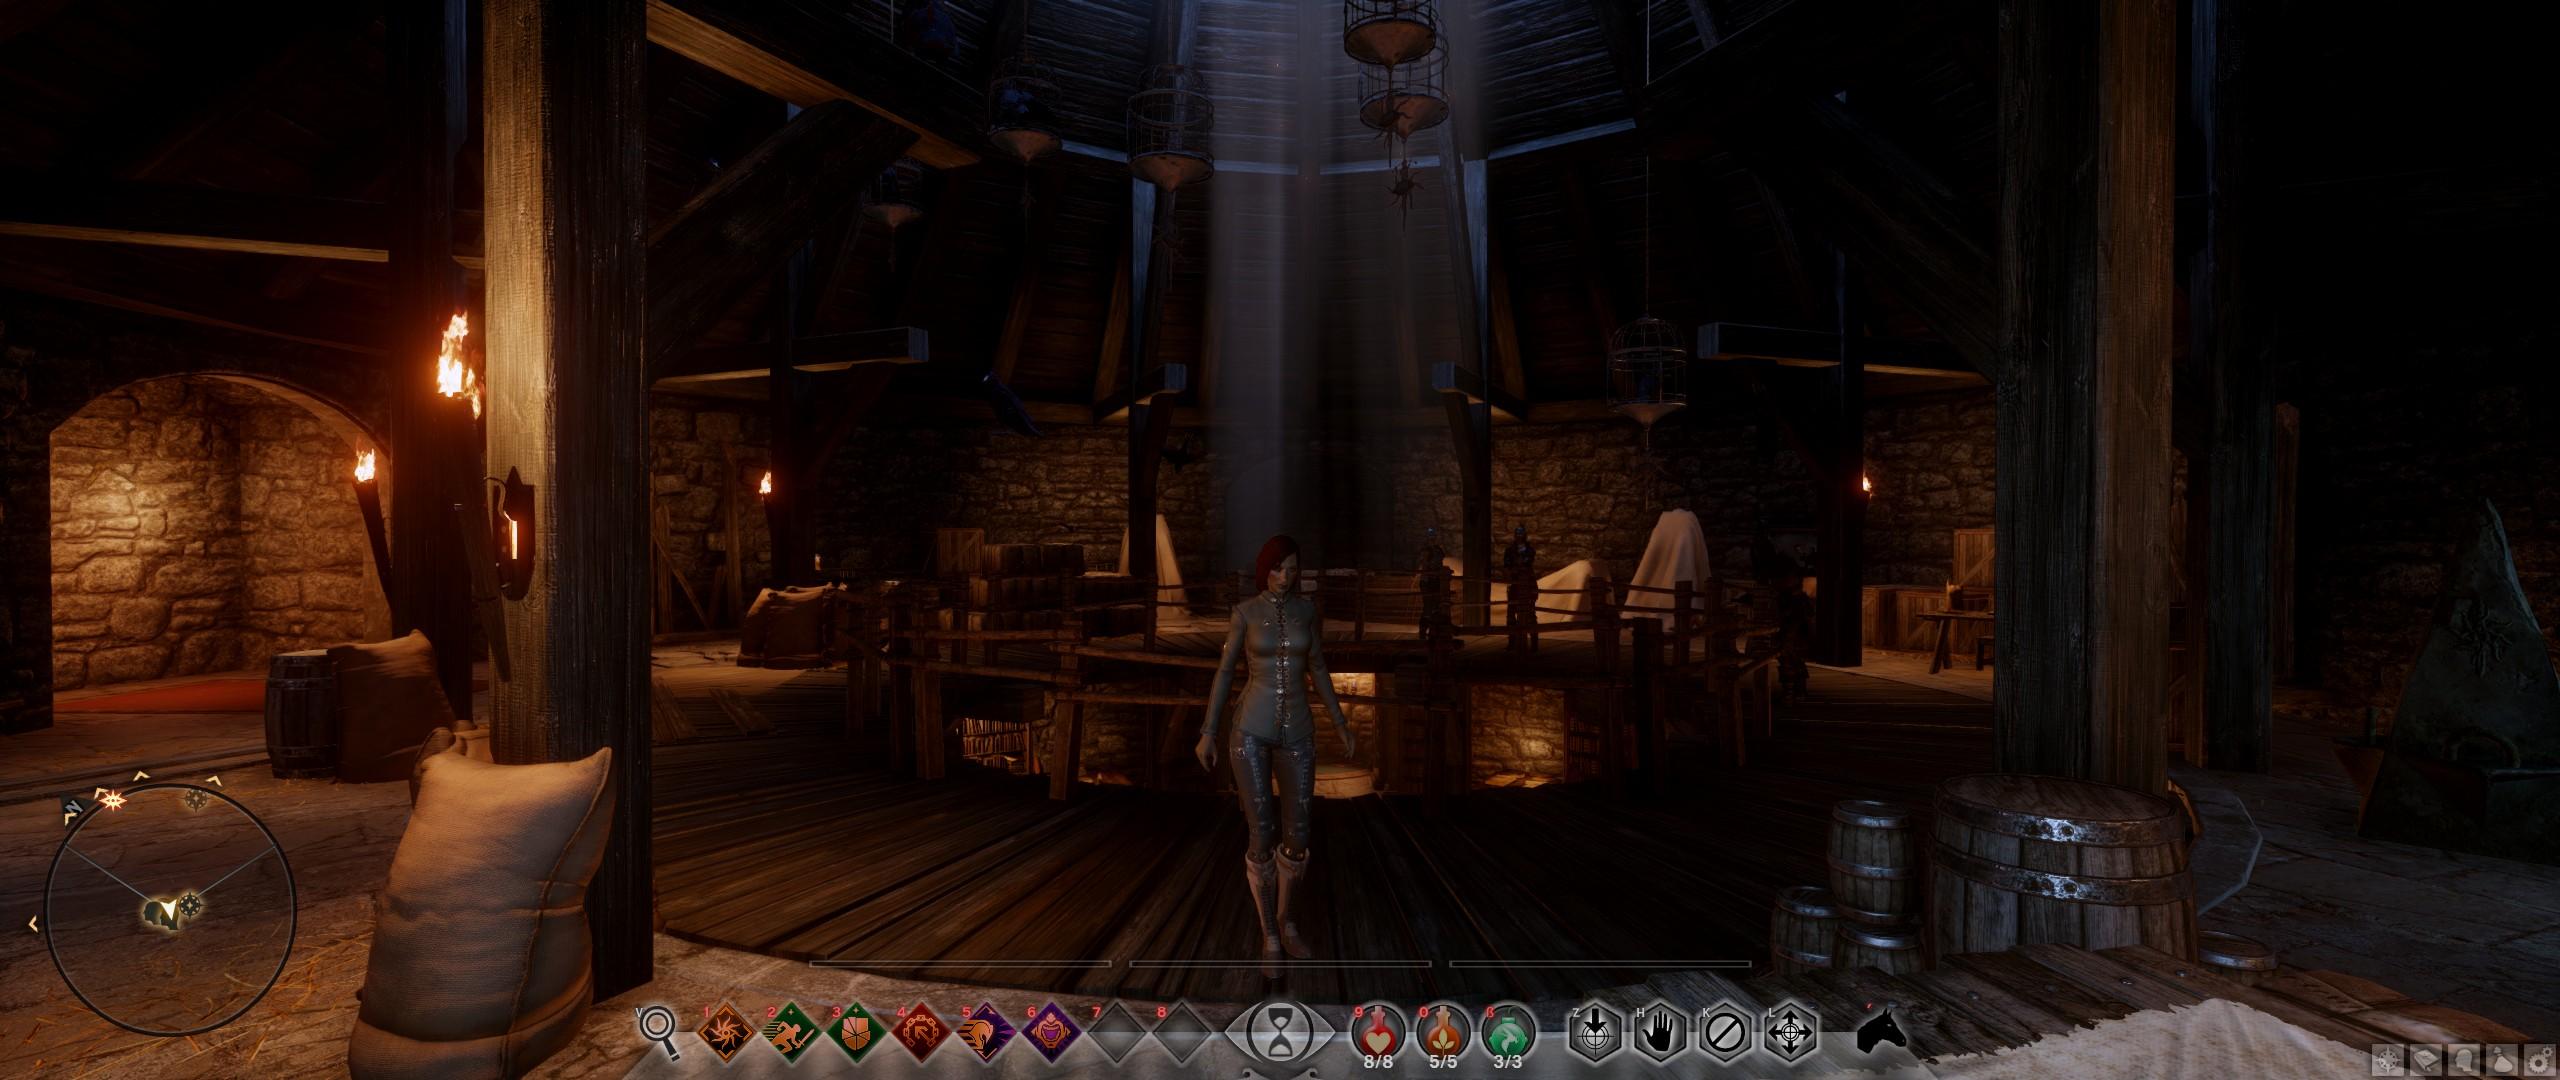 ScreenshotWin32_0071_Final